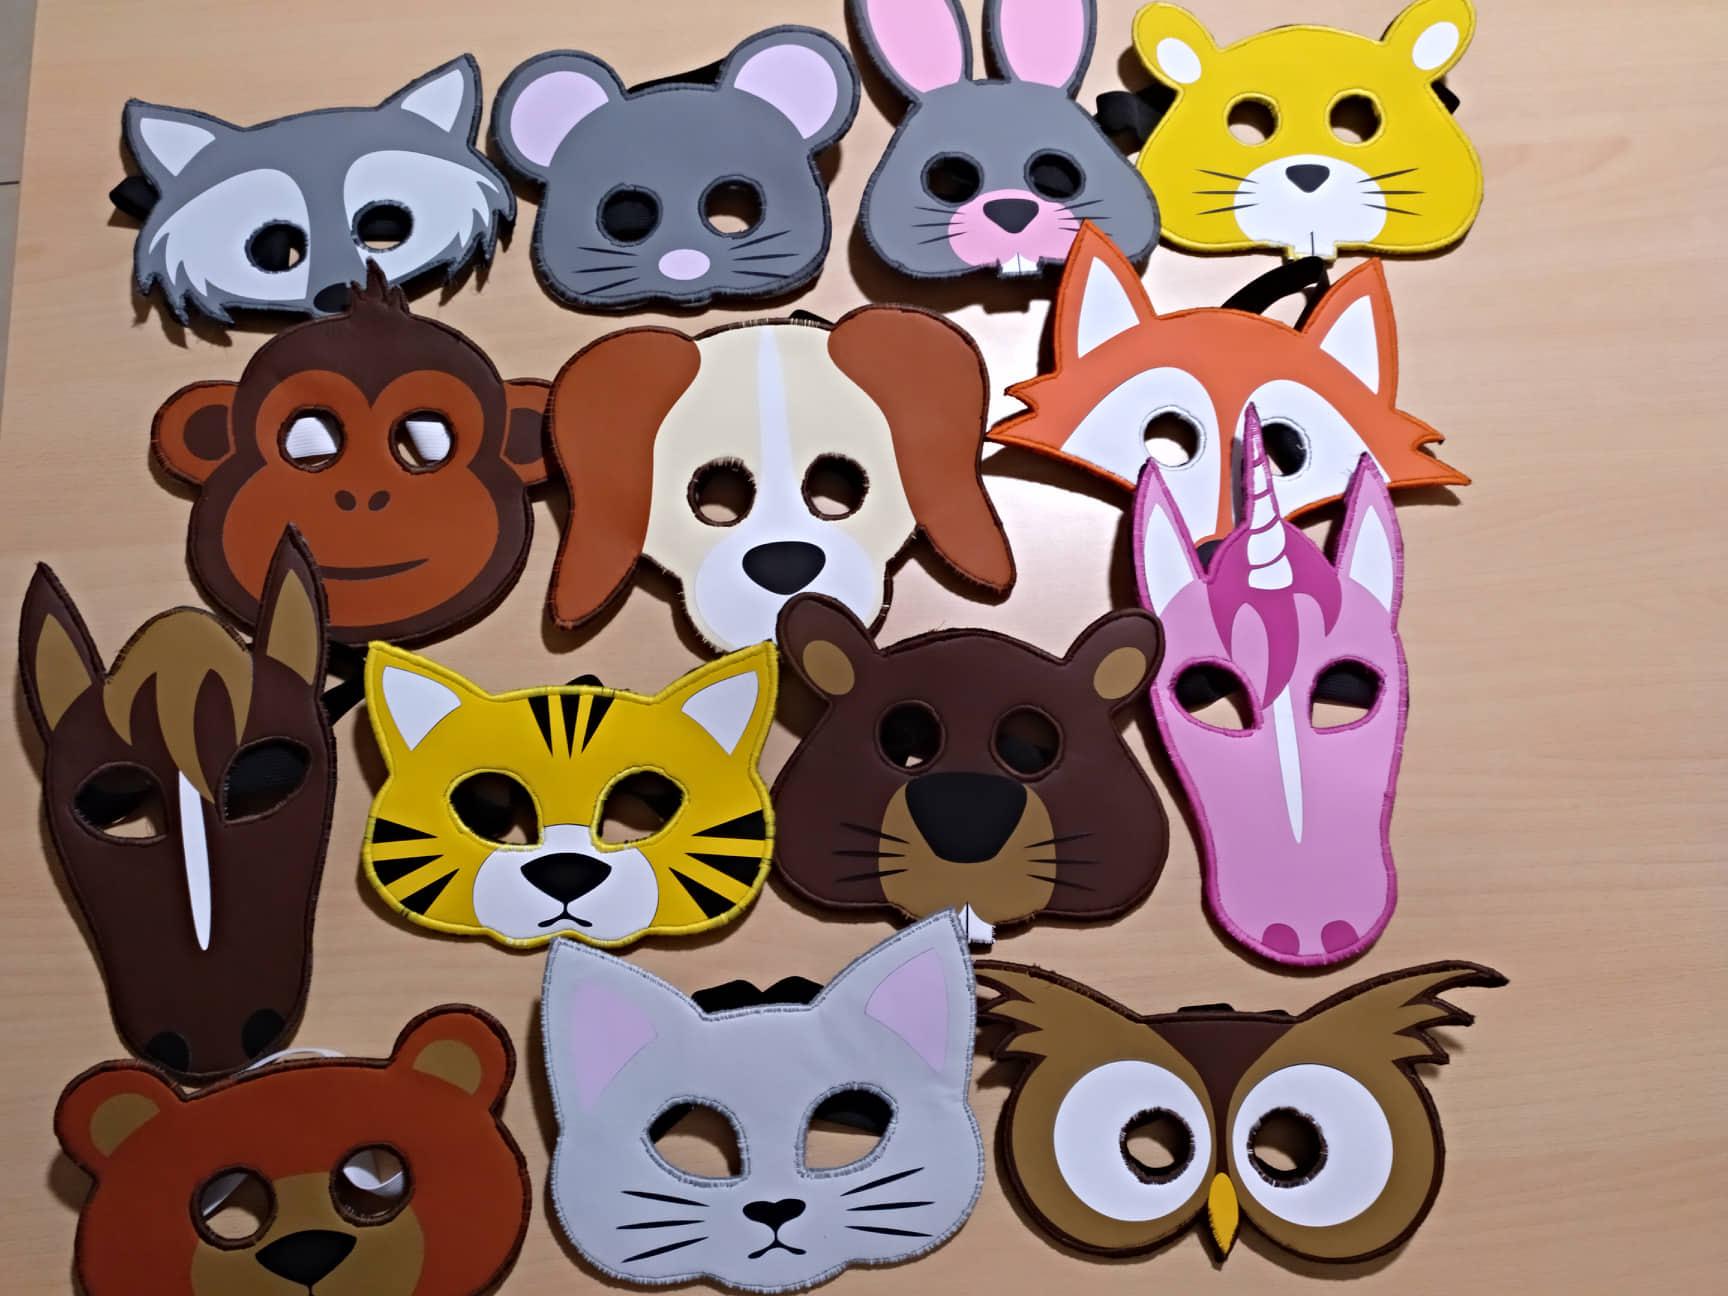 großer Rabatt bieten Rabatte suche nach neuesten Schnittmuster & Plottdatei Tiermasken für Kinder, 14-teilig